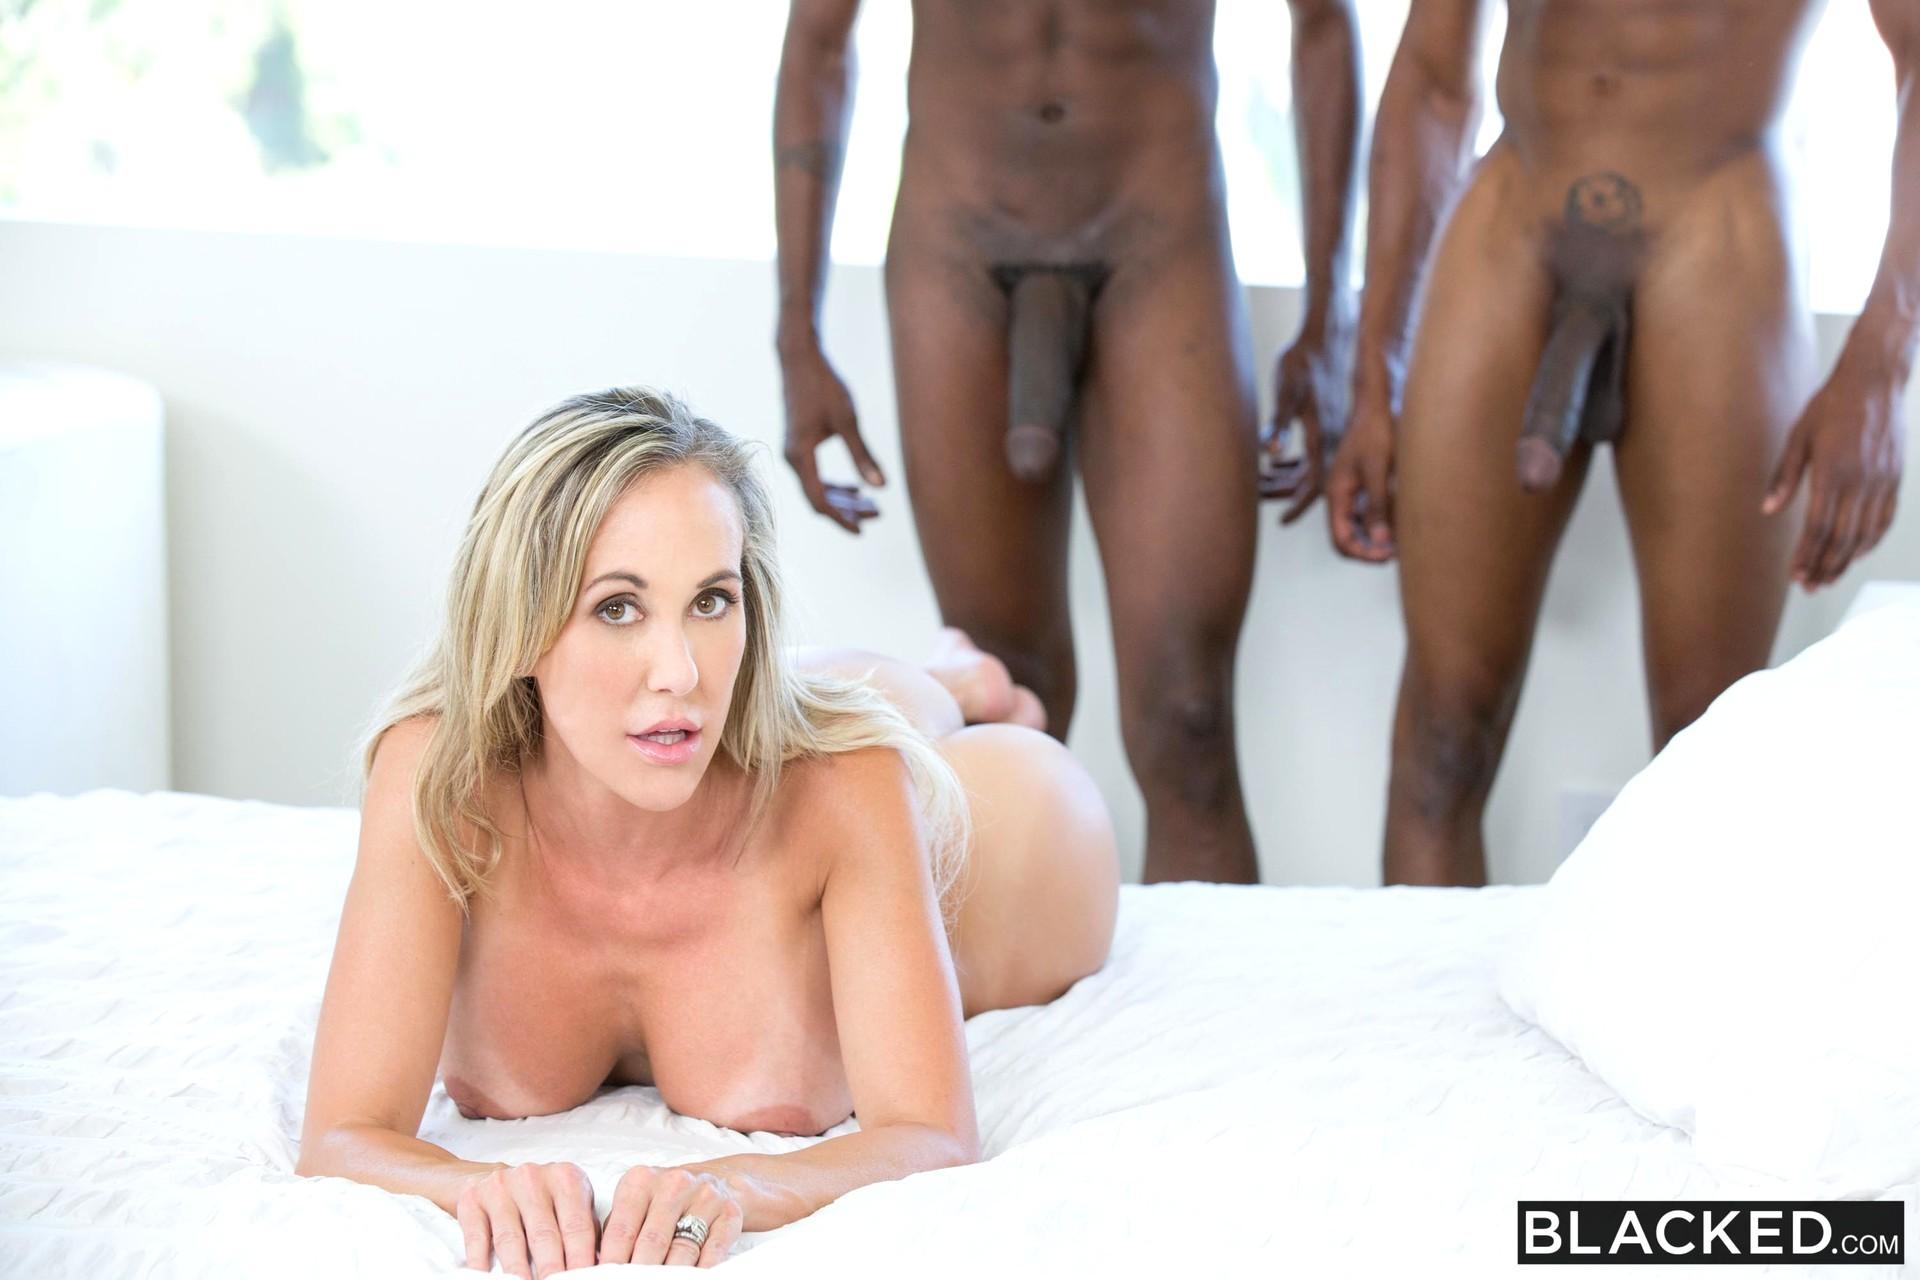 chloe pornstar pics